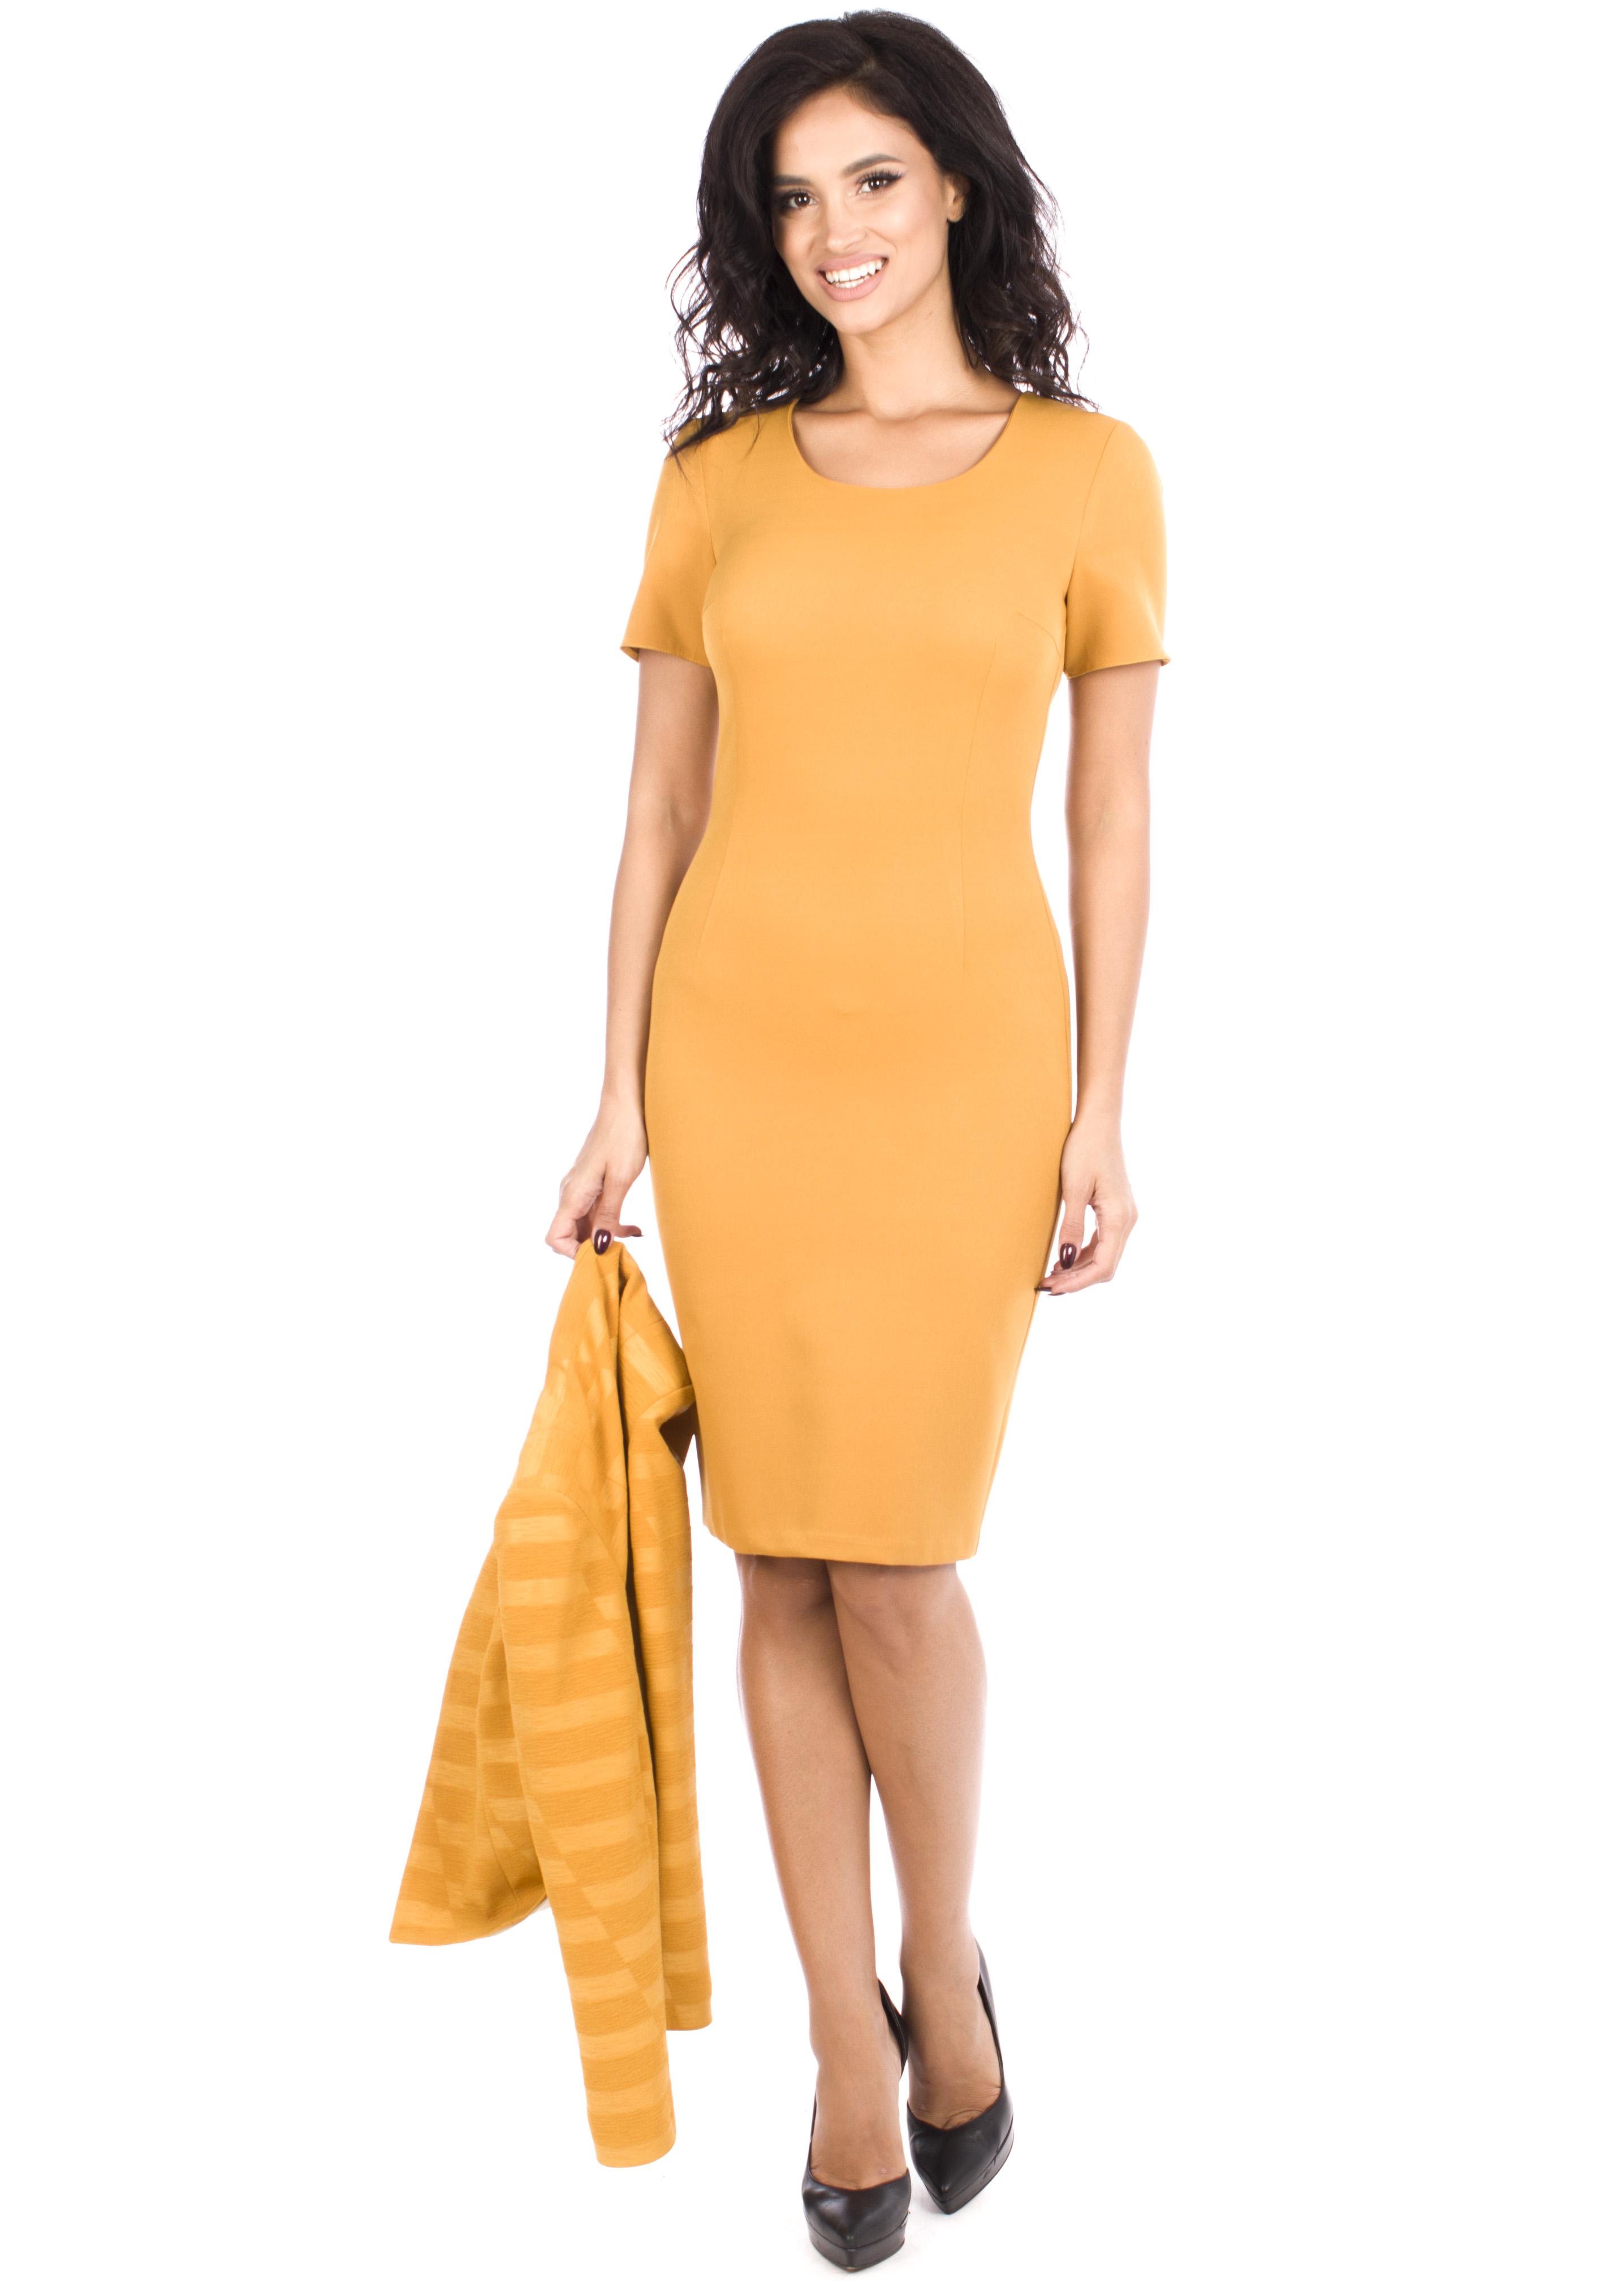 poze noi cea mai bună atitudine reducere mare Costum dama elegant galben mustar cu rochie si sacou C016i0362 ...